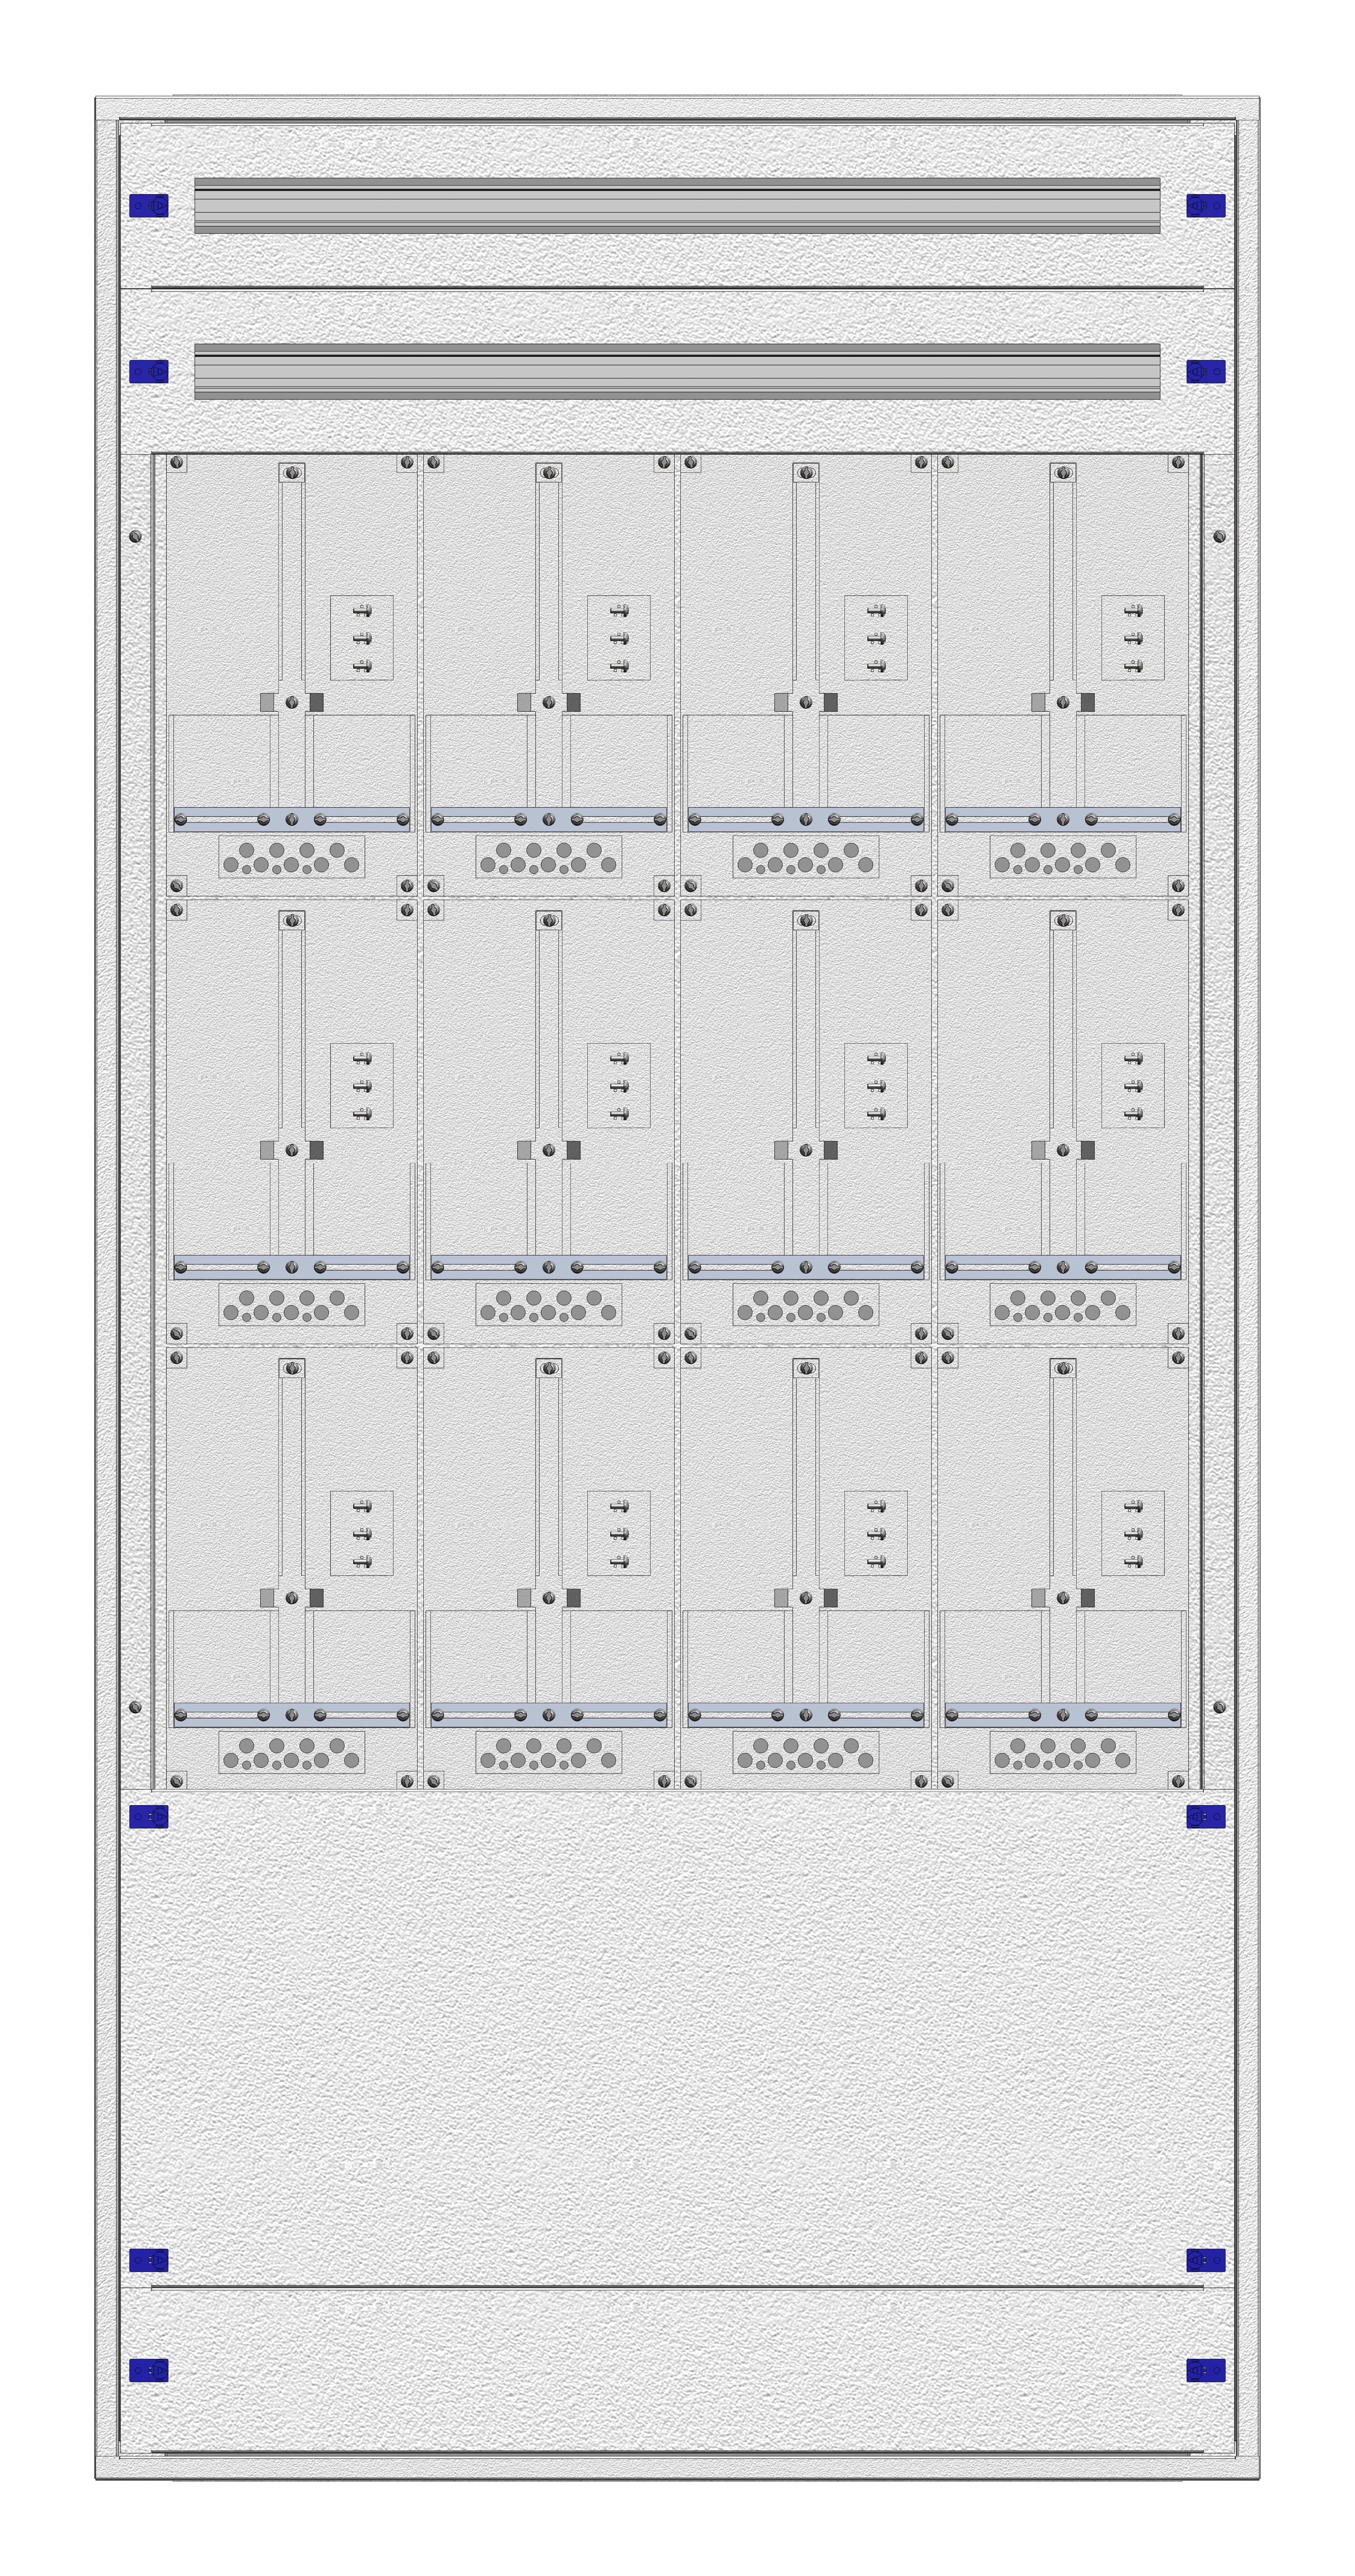 1 Stk Masken-Zählerverteiler 4M-42M/WIEN 12ZP, H1995B980T200mm IL122442WS